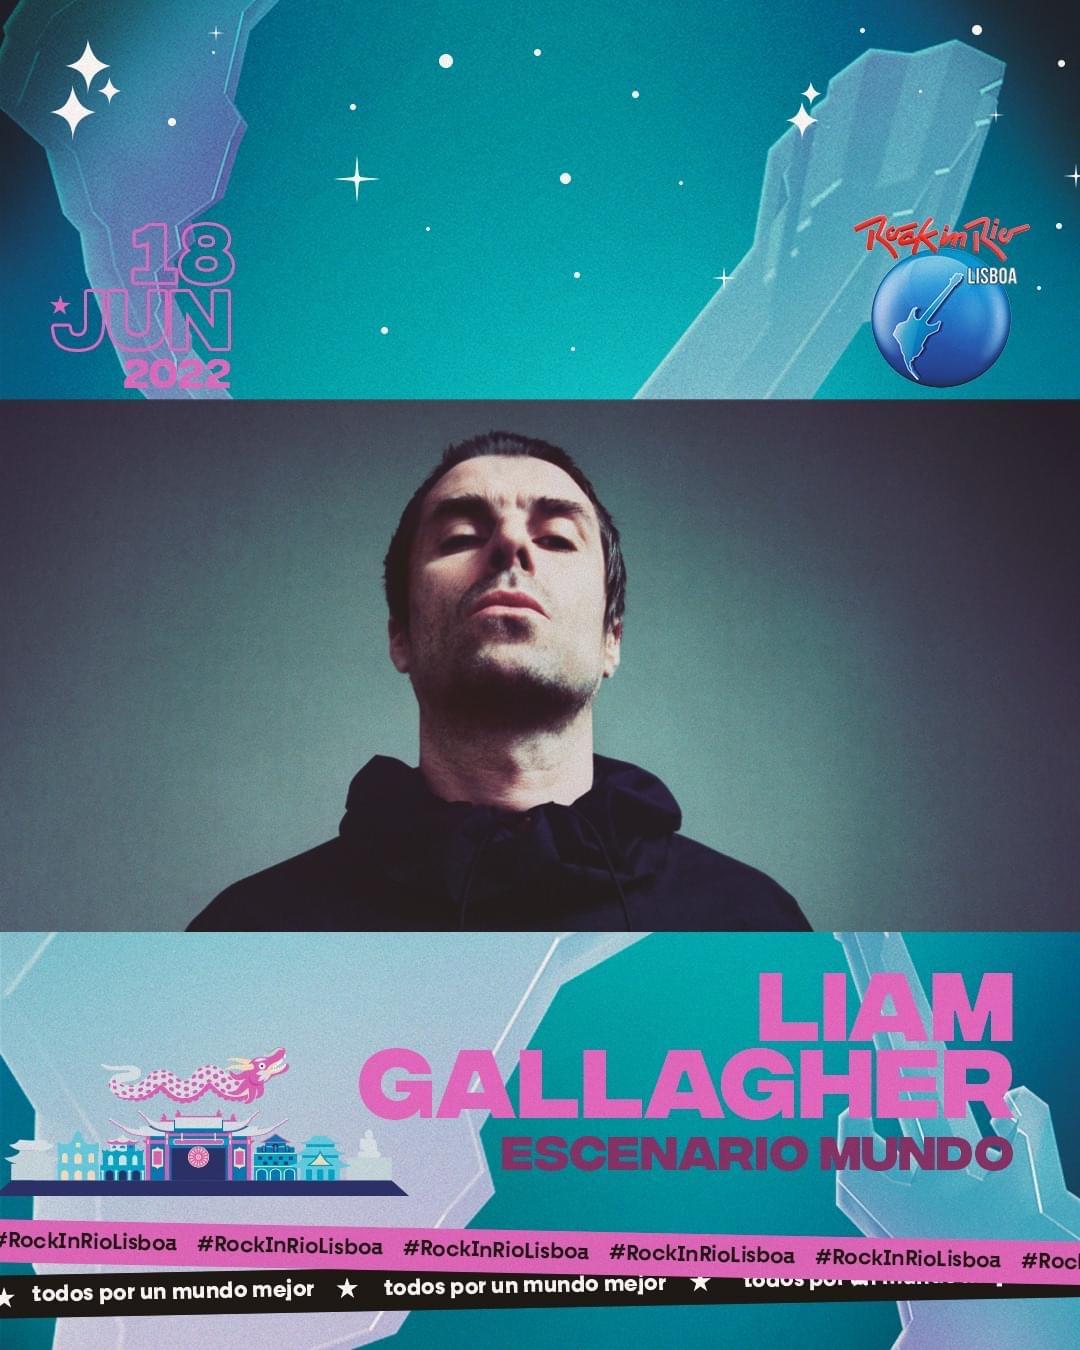 Liam Gallagher Rock in Rio Lisbona 2022